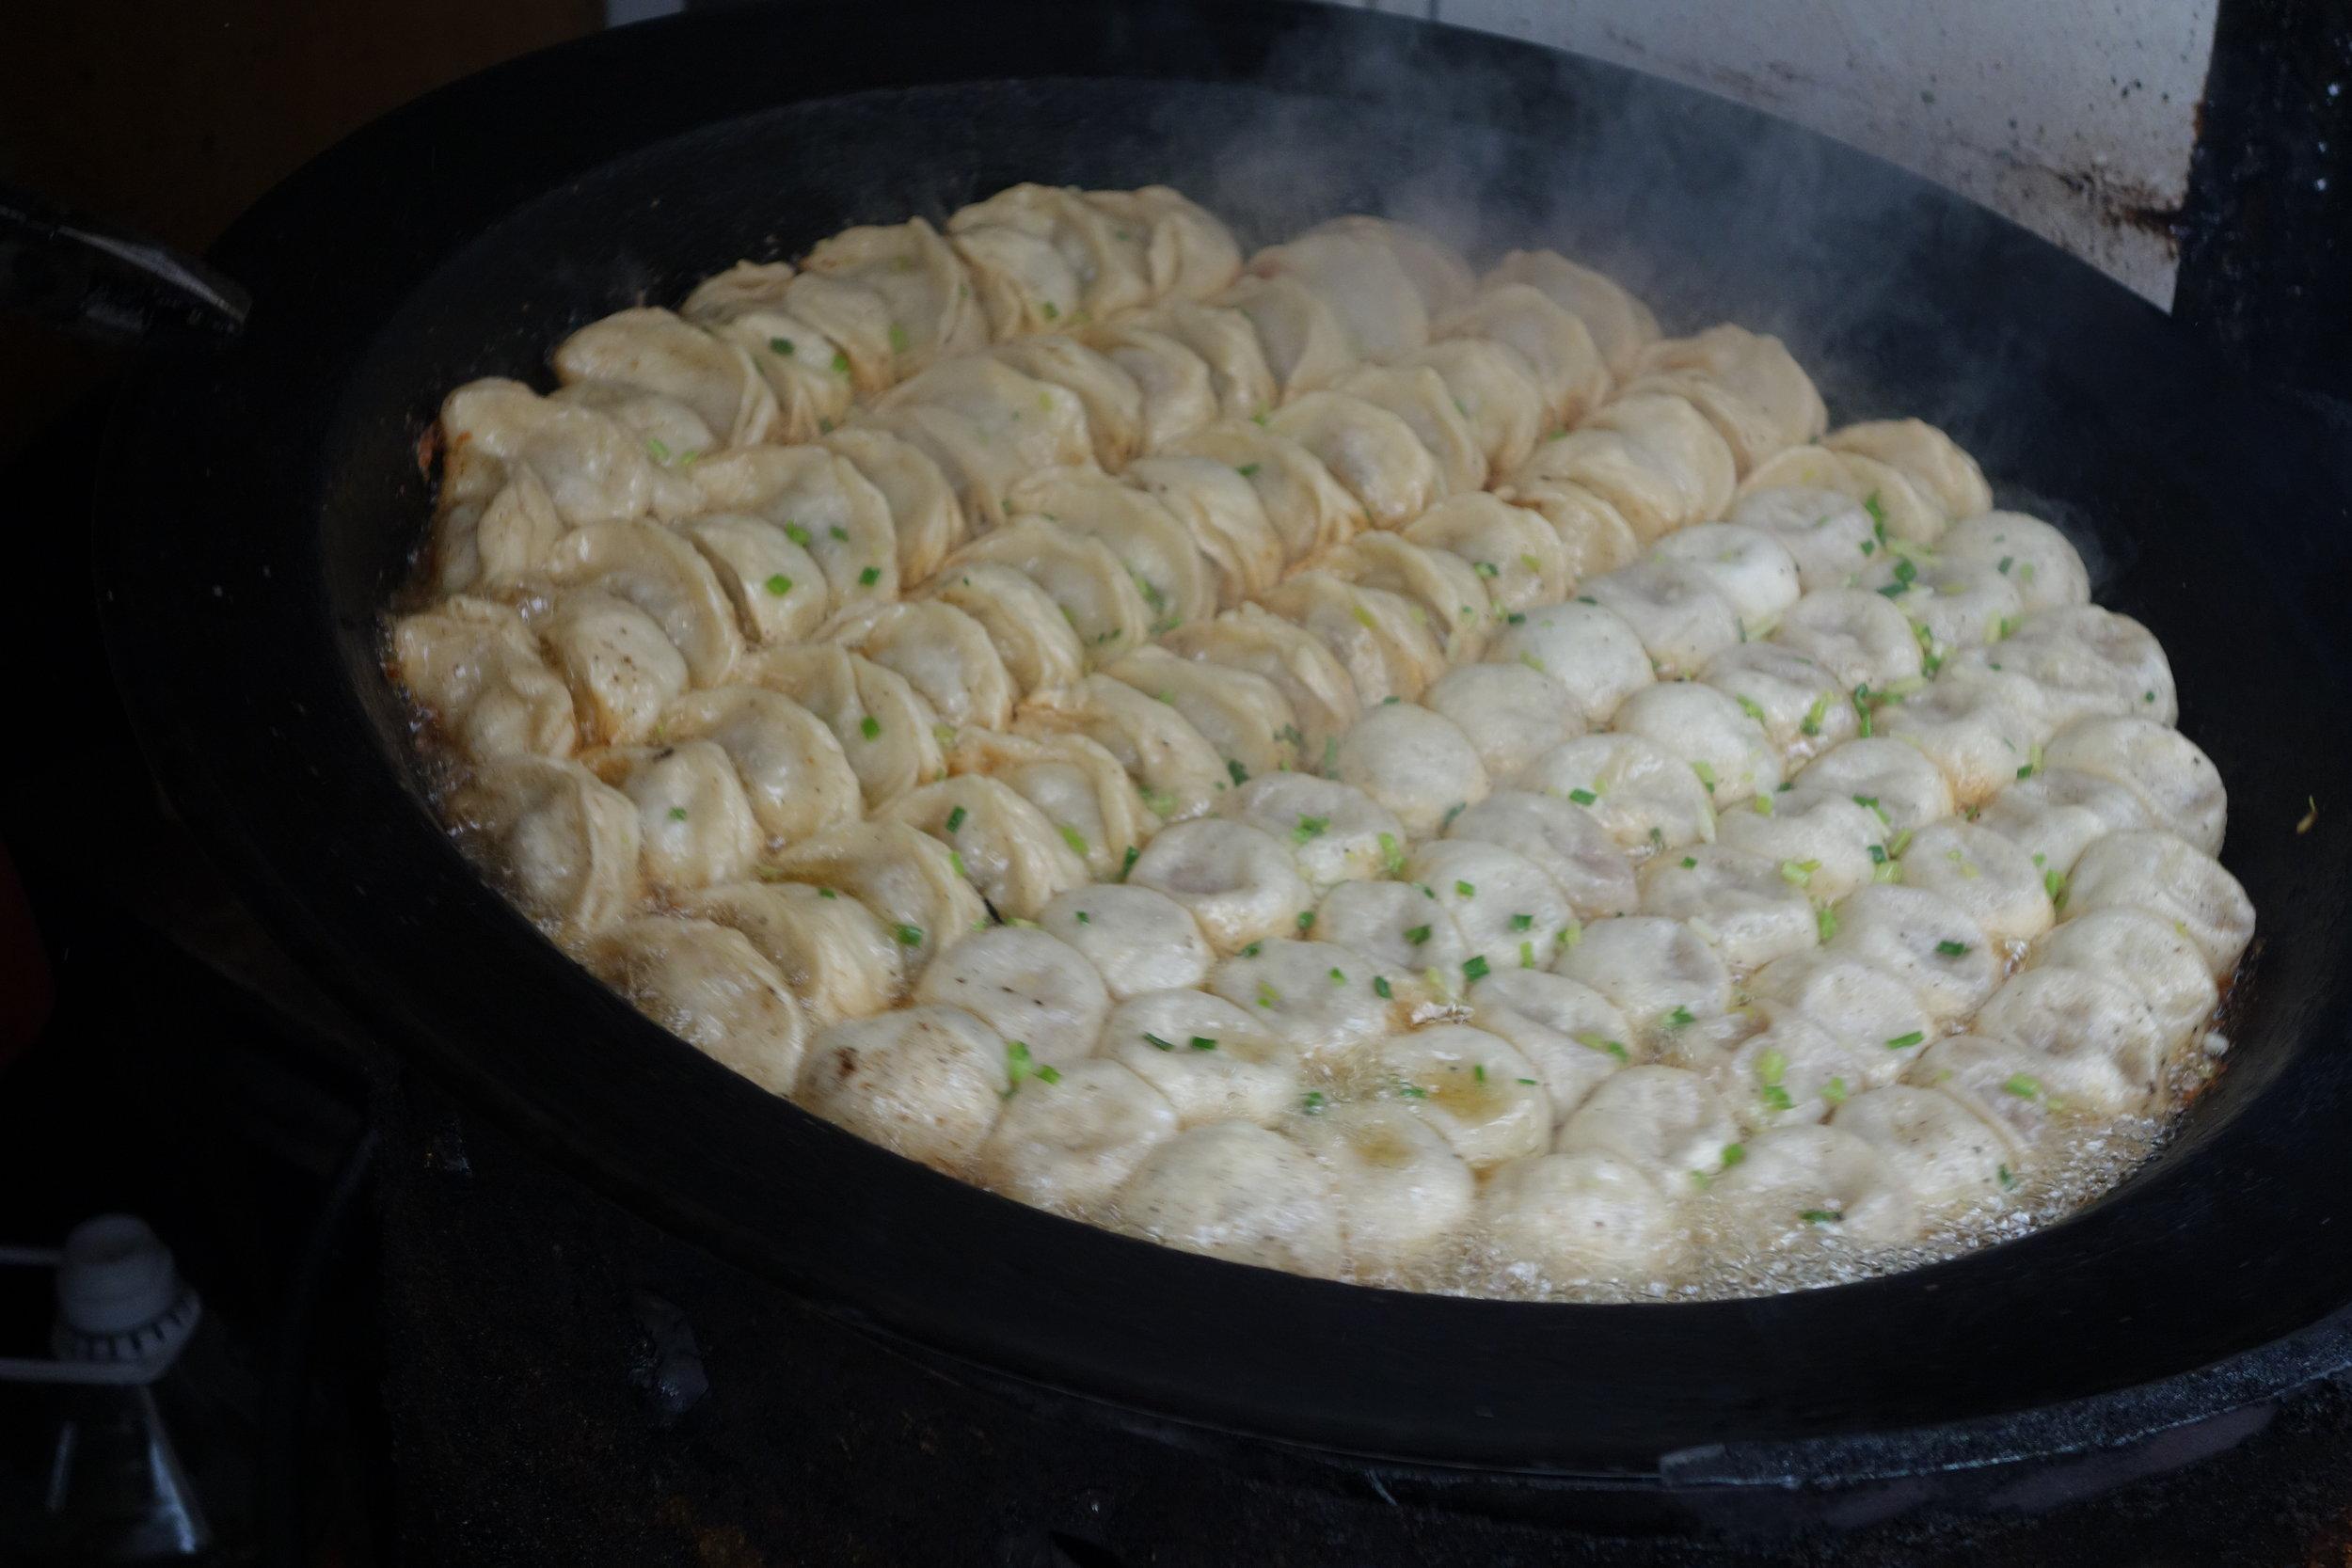 One pot of the shengjian guotie